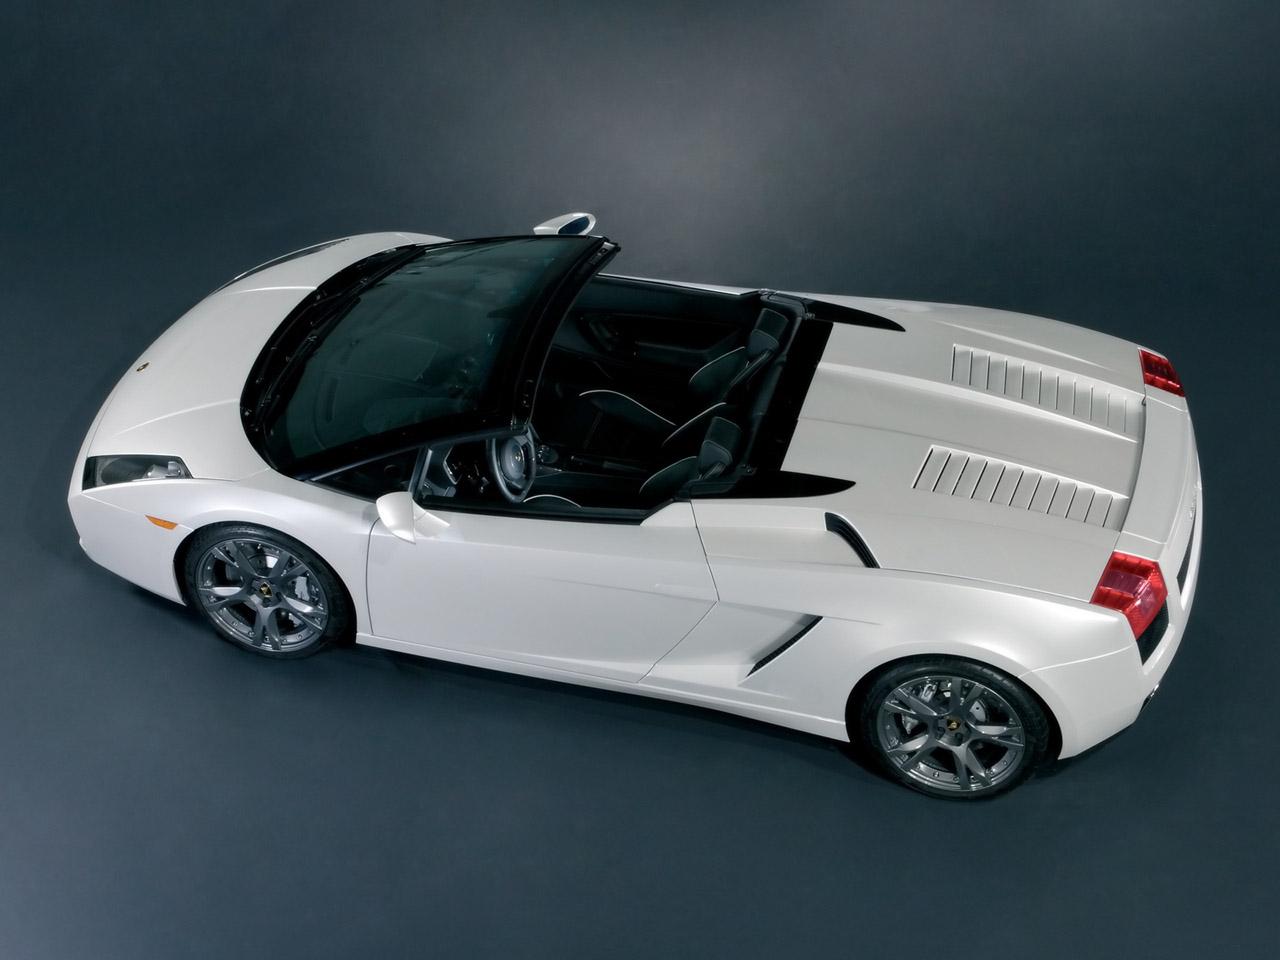 Lamborghini Gallardo Super Car